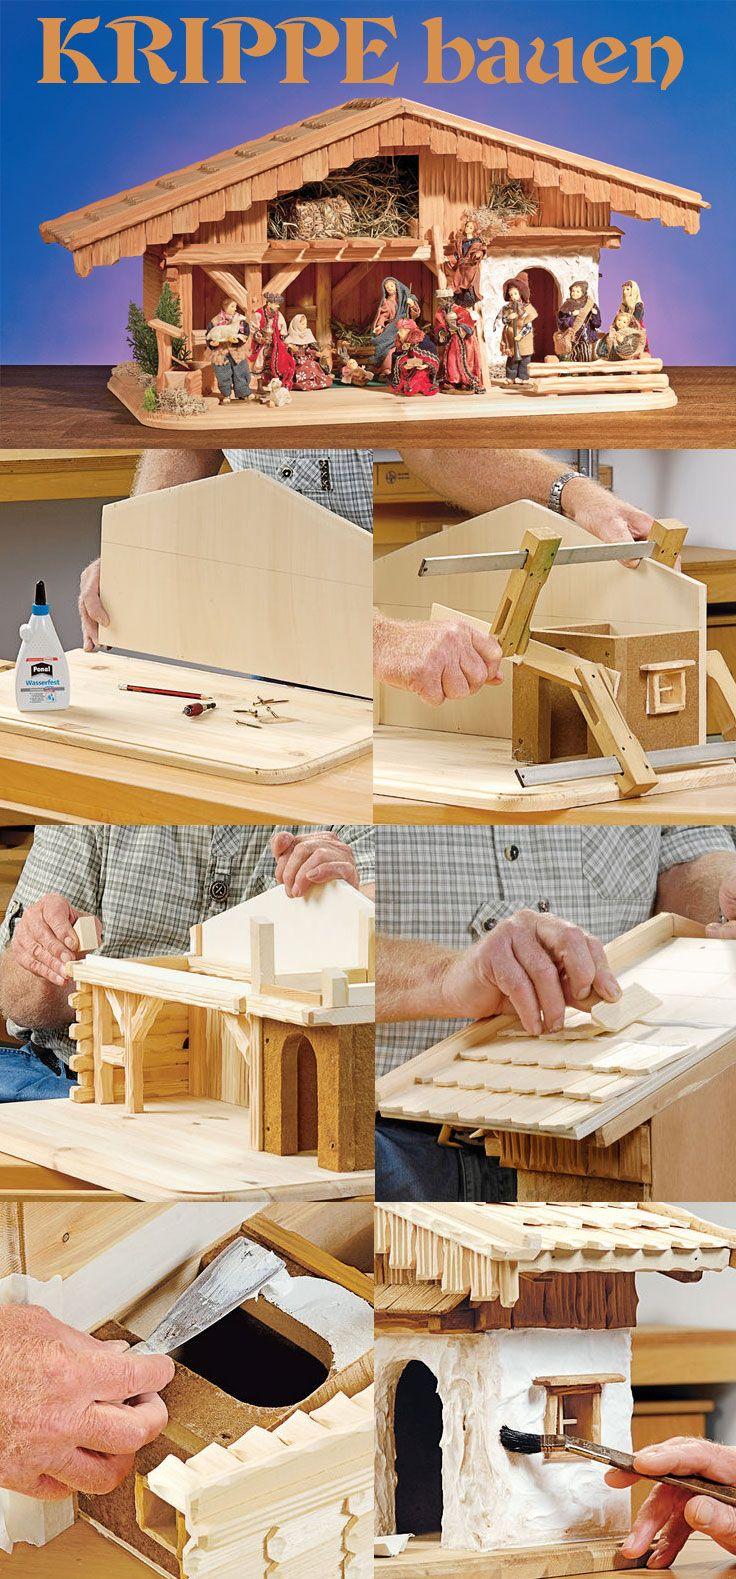 Bilder Krippe Weihnachten.Stallkrippe Bauen Miniatures Dollhouses Krippen Selber Basteln